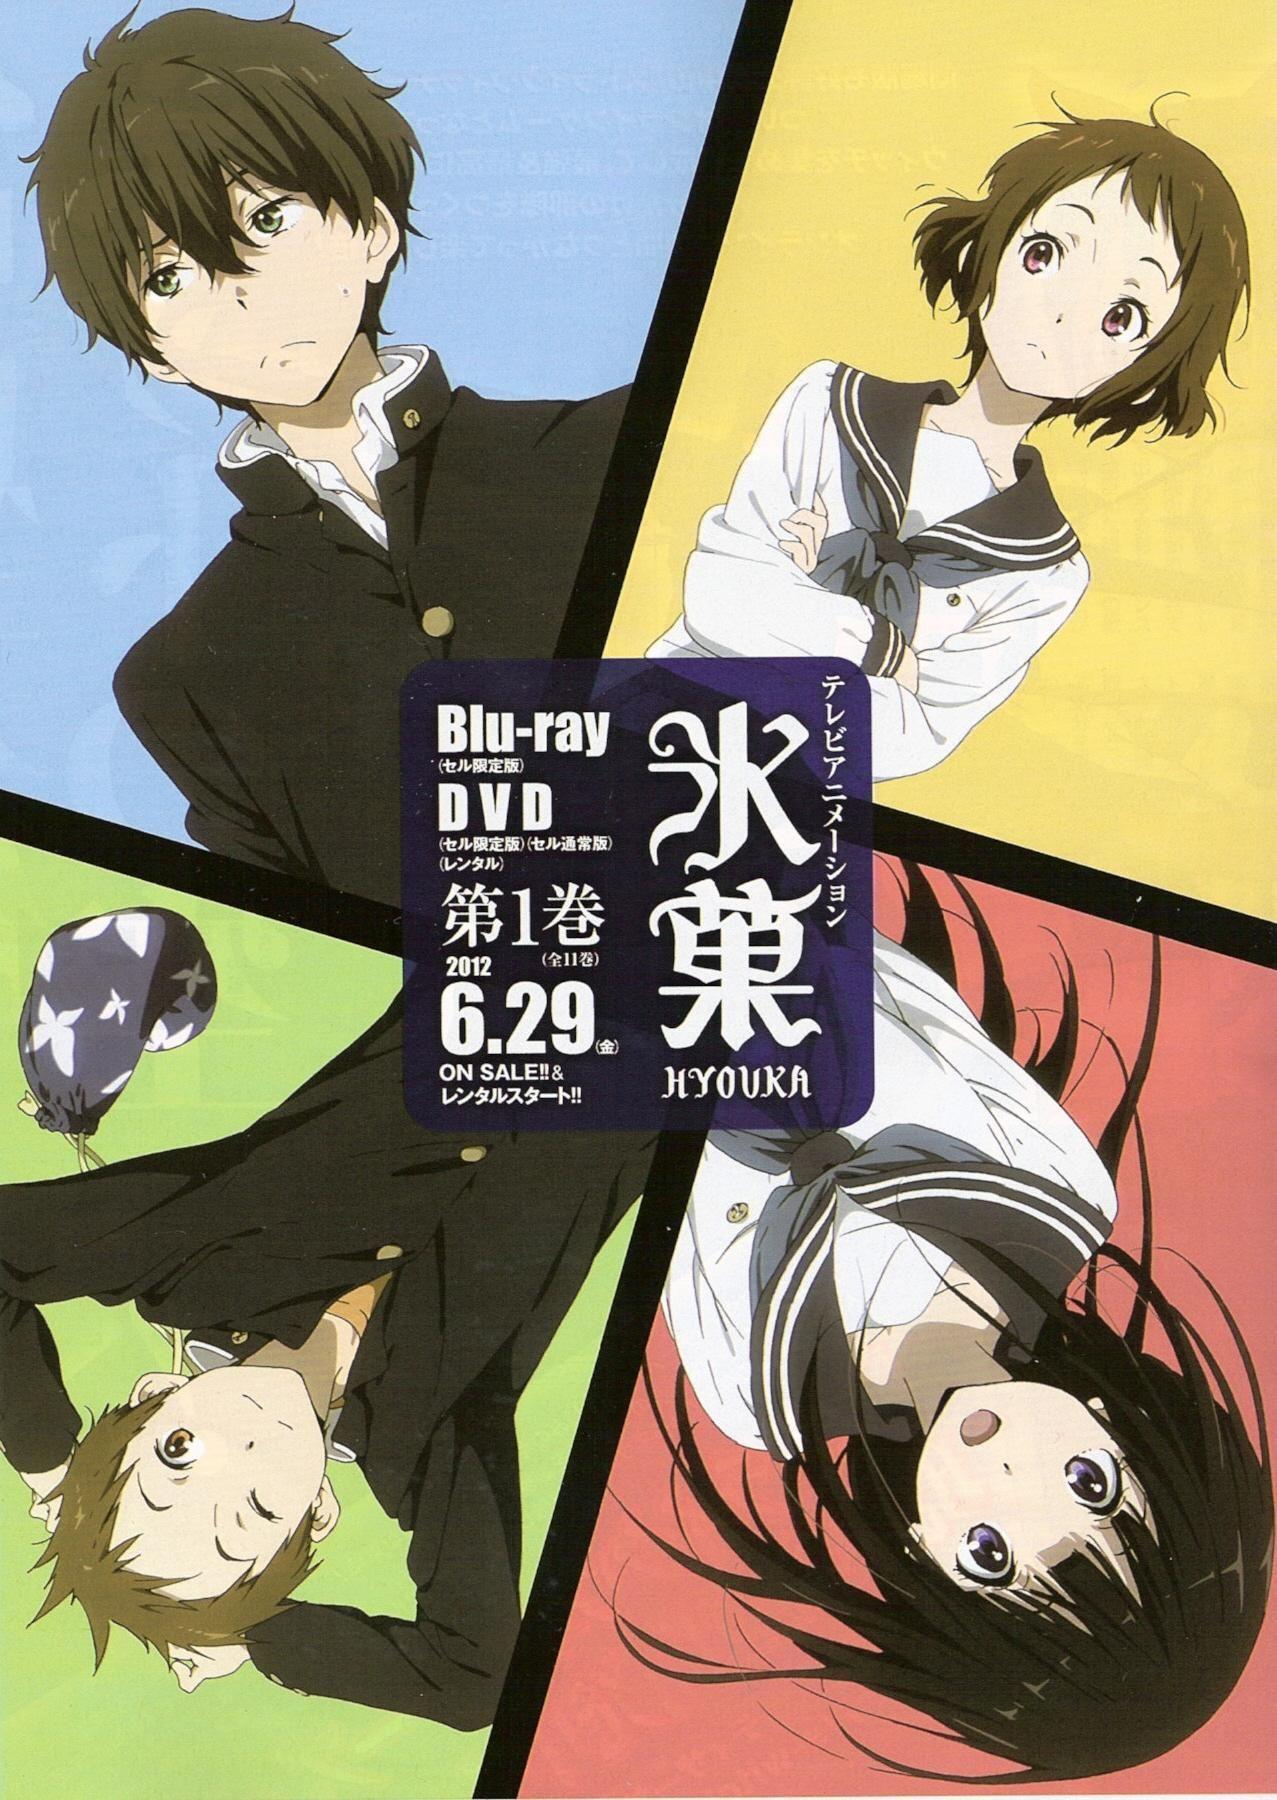 /Hyouka/1129120 Zerochan Kyoto Animation Yonezawa